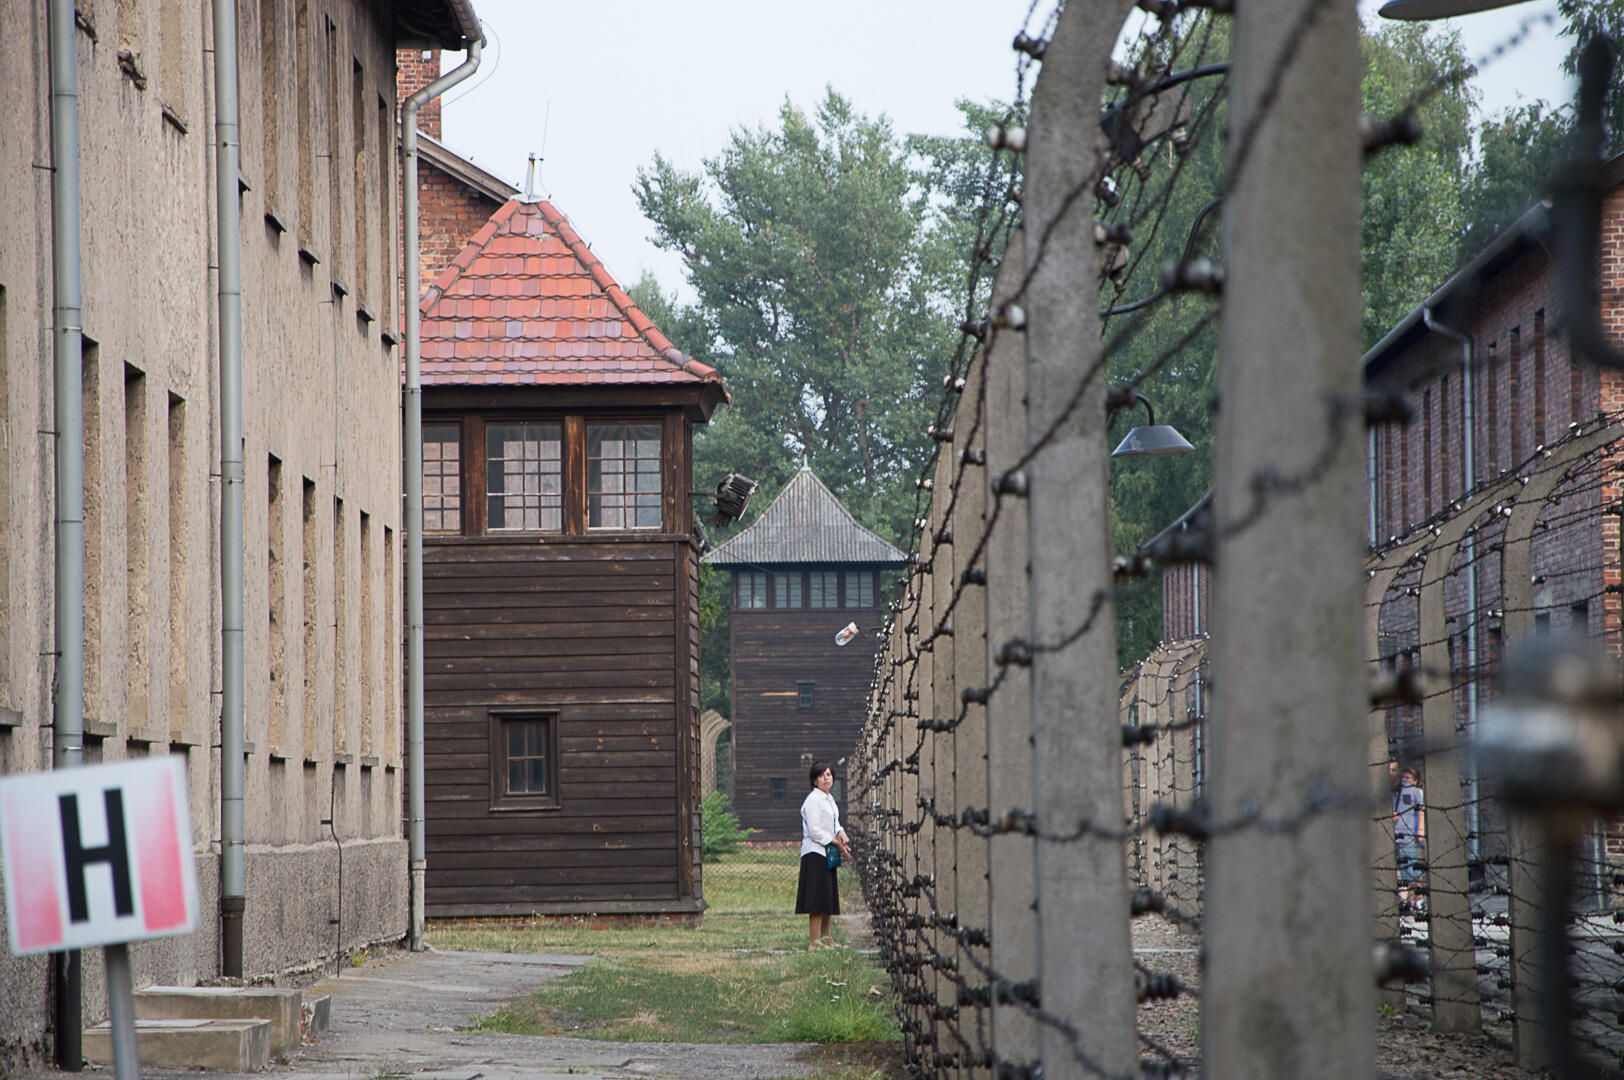 معسكر أوشفيتز النازي للاعتقال والإبادة في بولندا